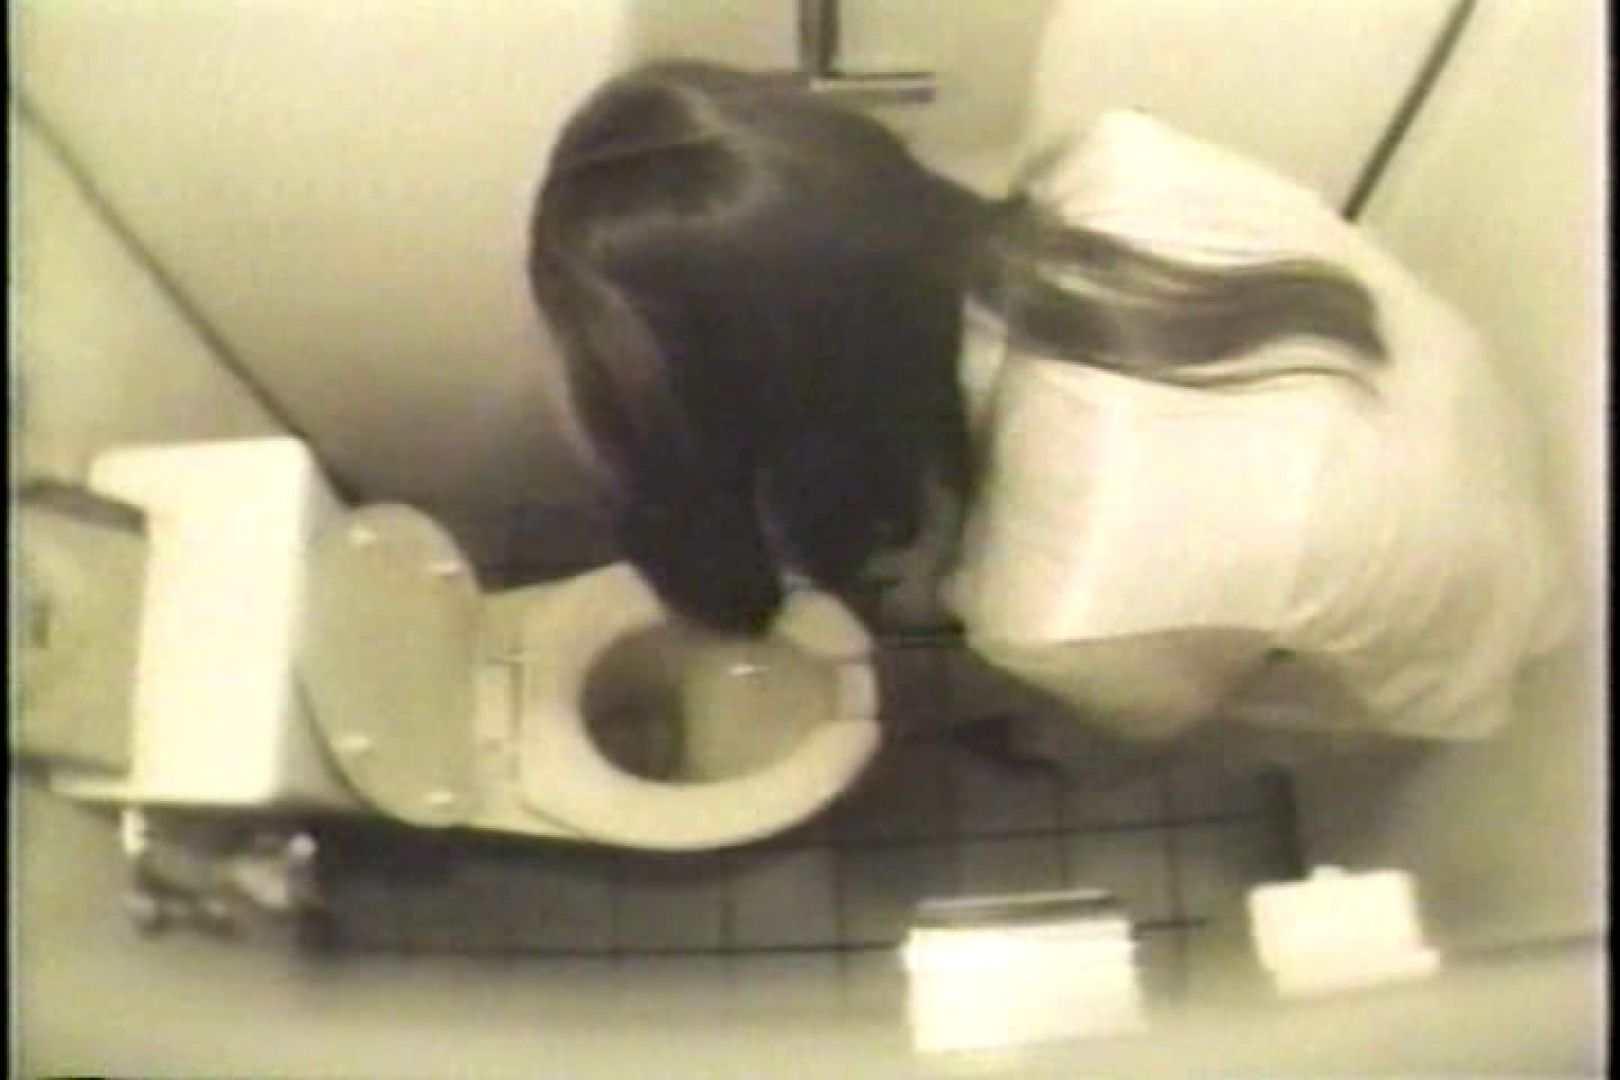 盗撮 女子洗面所3ヶ所入ってしゃがんで音出して プライベート  109連発 104